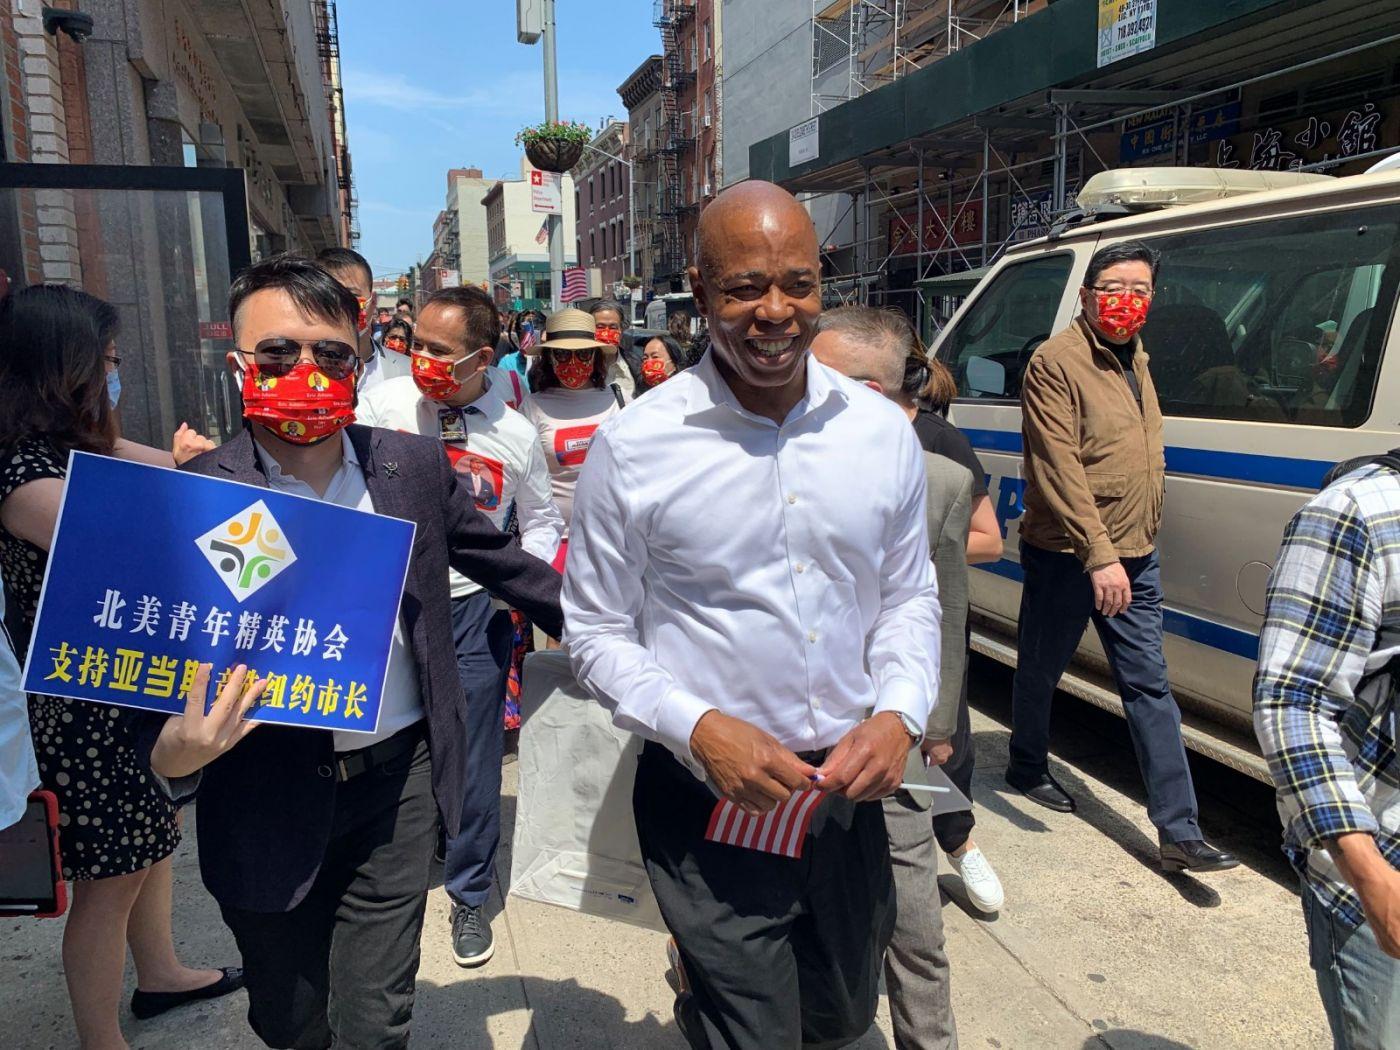 高娓娓:纽约市长竞选人亚当斯拜访唐人街社区民众_图1-12